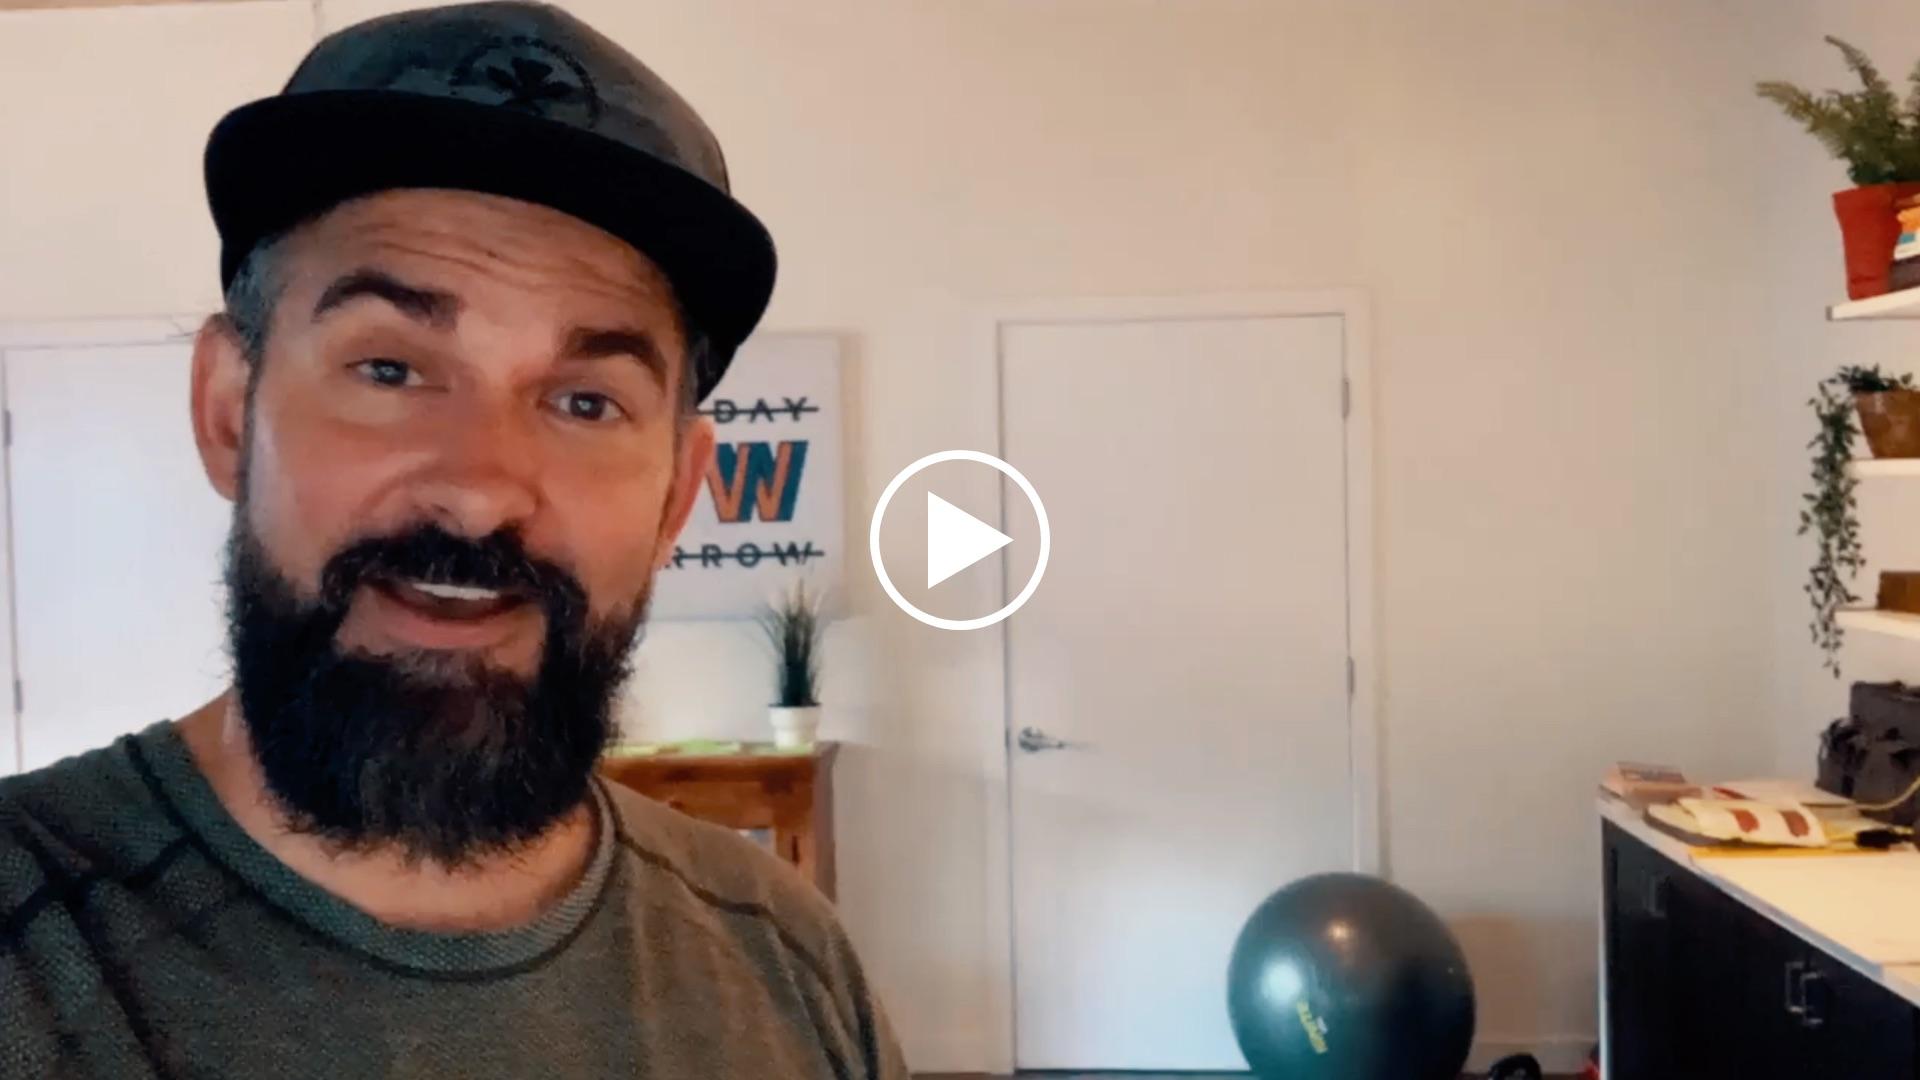 WRKOUT testimonial video thumbnail